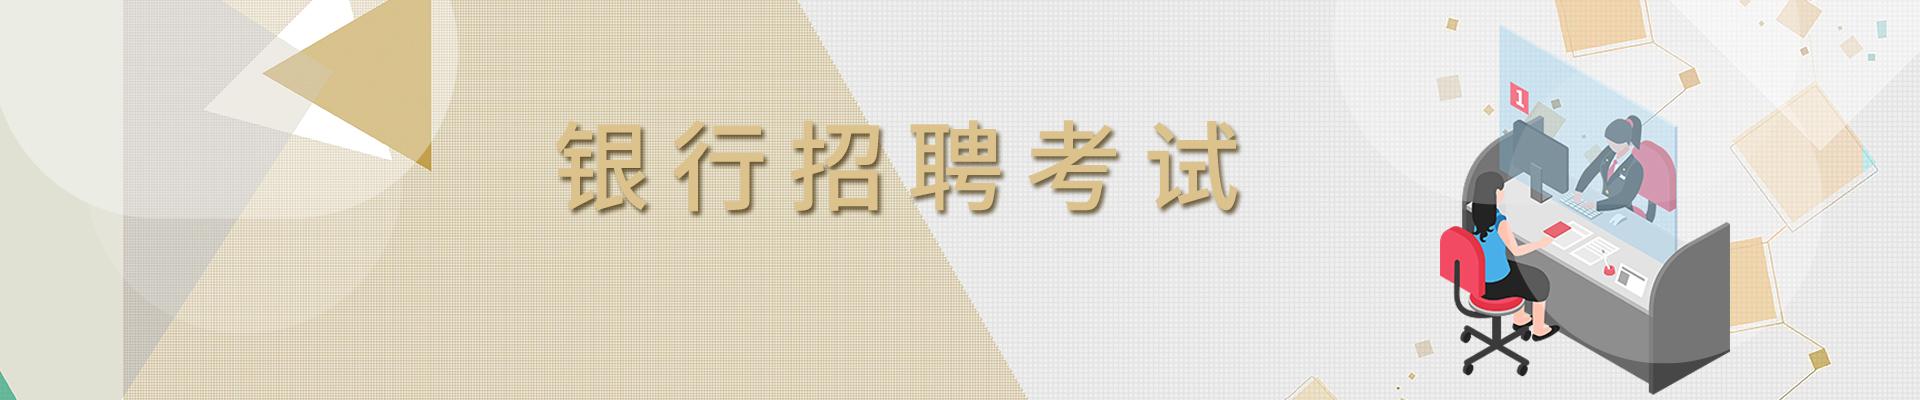 浙江温州优路教育培训学校